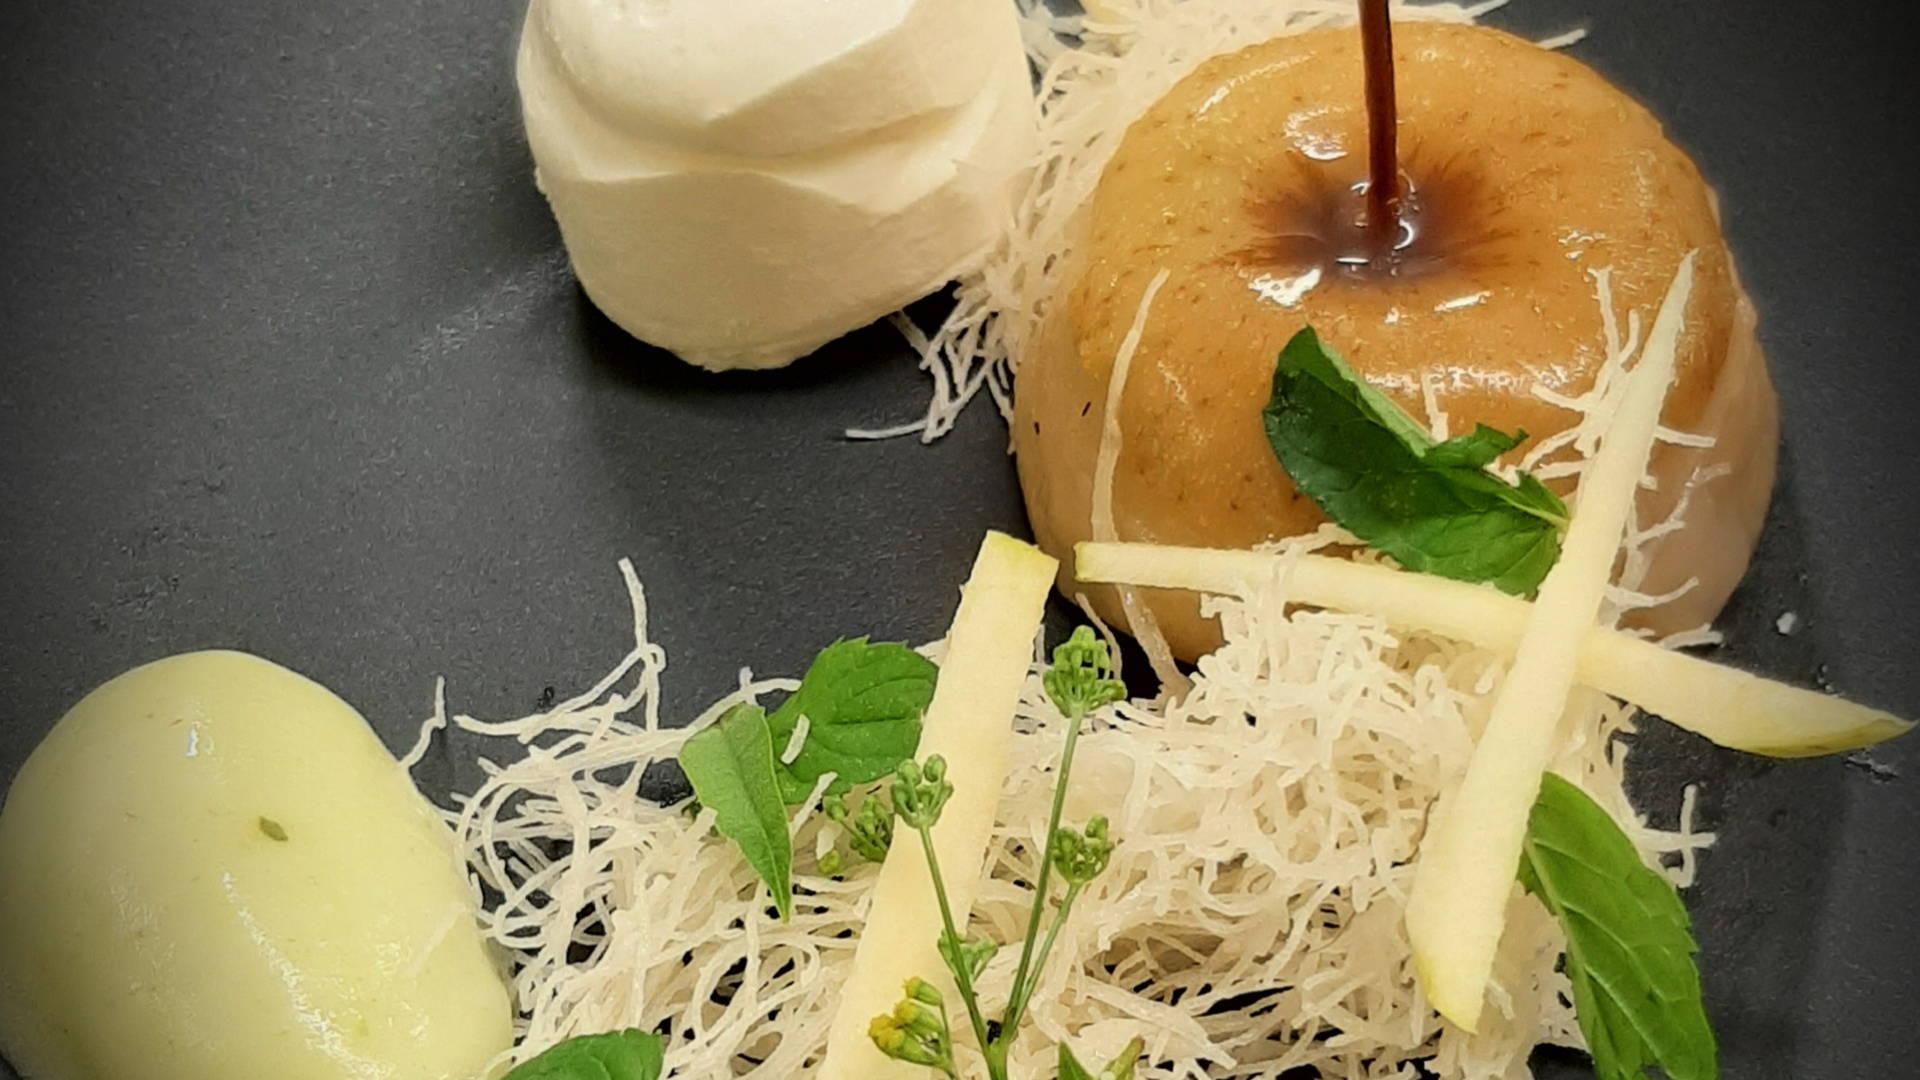 dessert gastronomique composé de pomme, restaurant gastronomique provence, Le Pré Gourmand